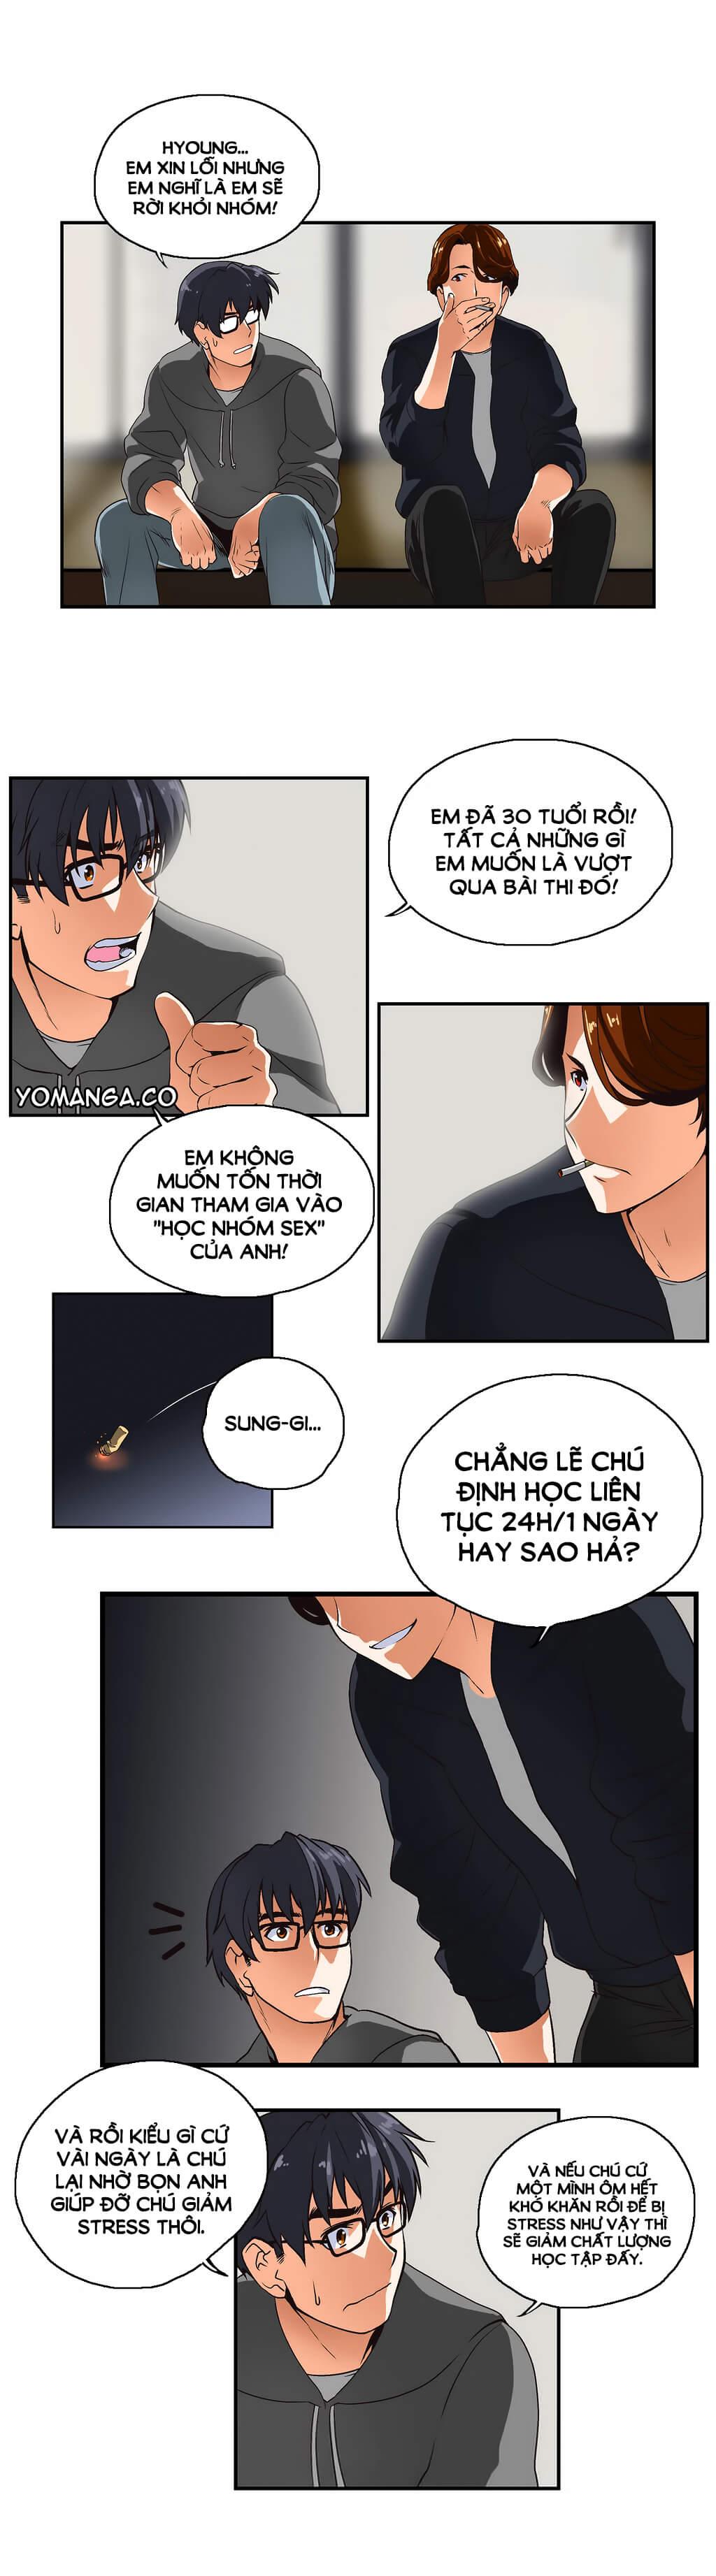 Hình ảnh HINH_00006 in Dàn Harem Của Thằng main Bựa